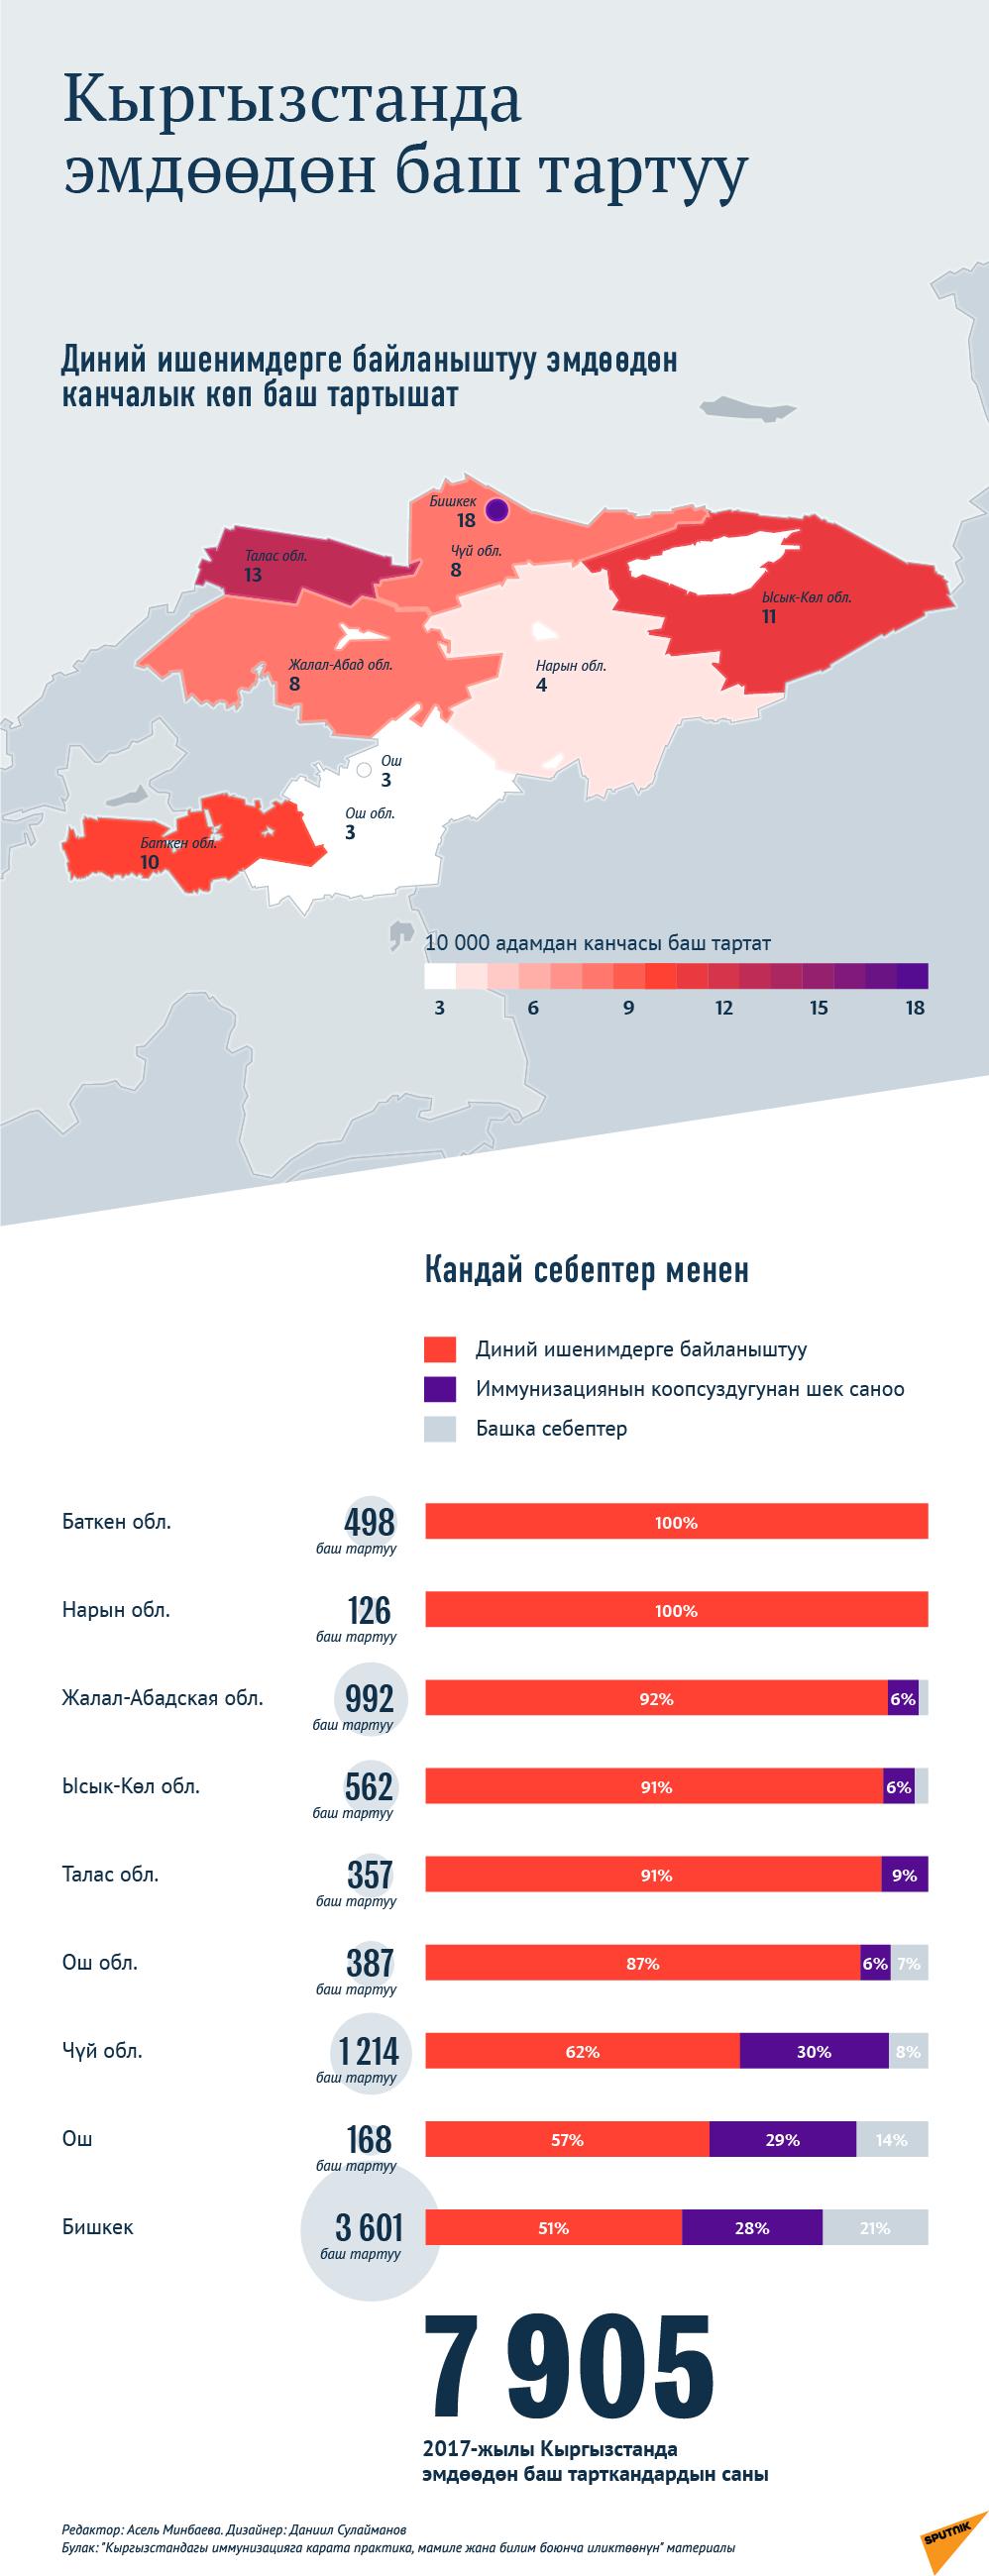 Кыргызстанда эмдөөдөн баш тартуу